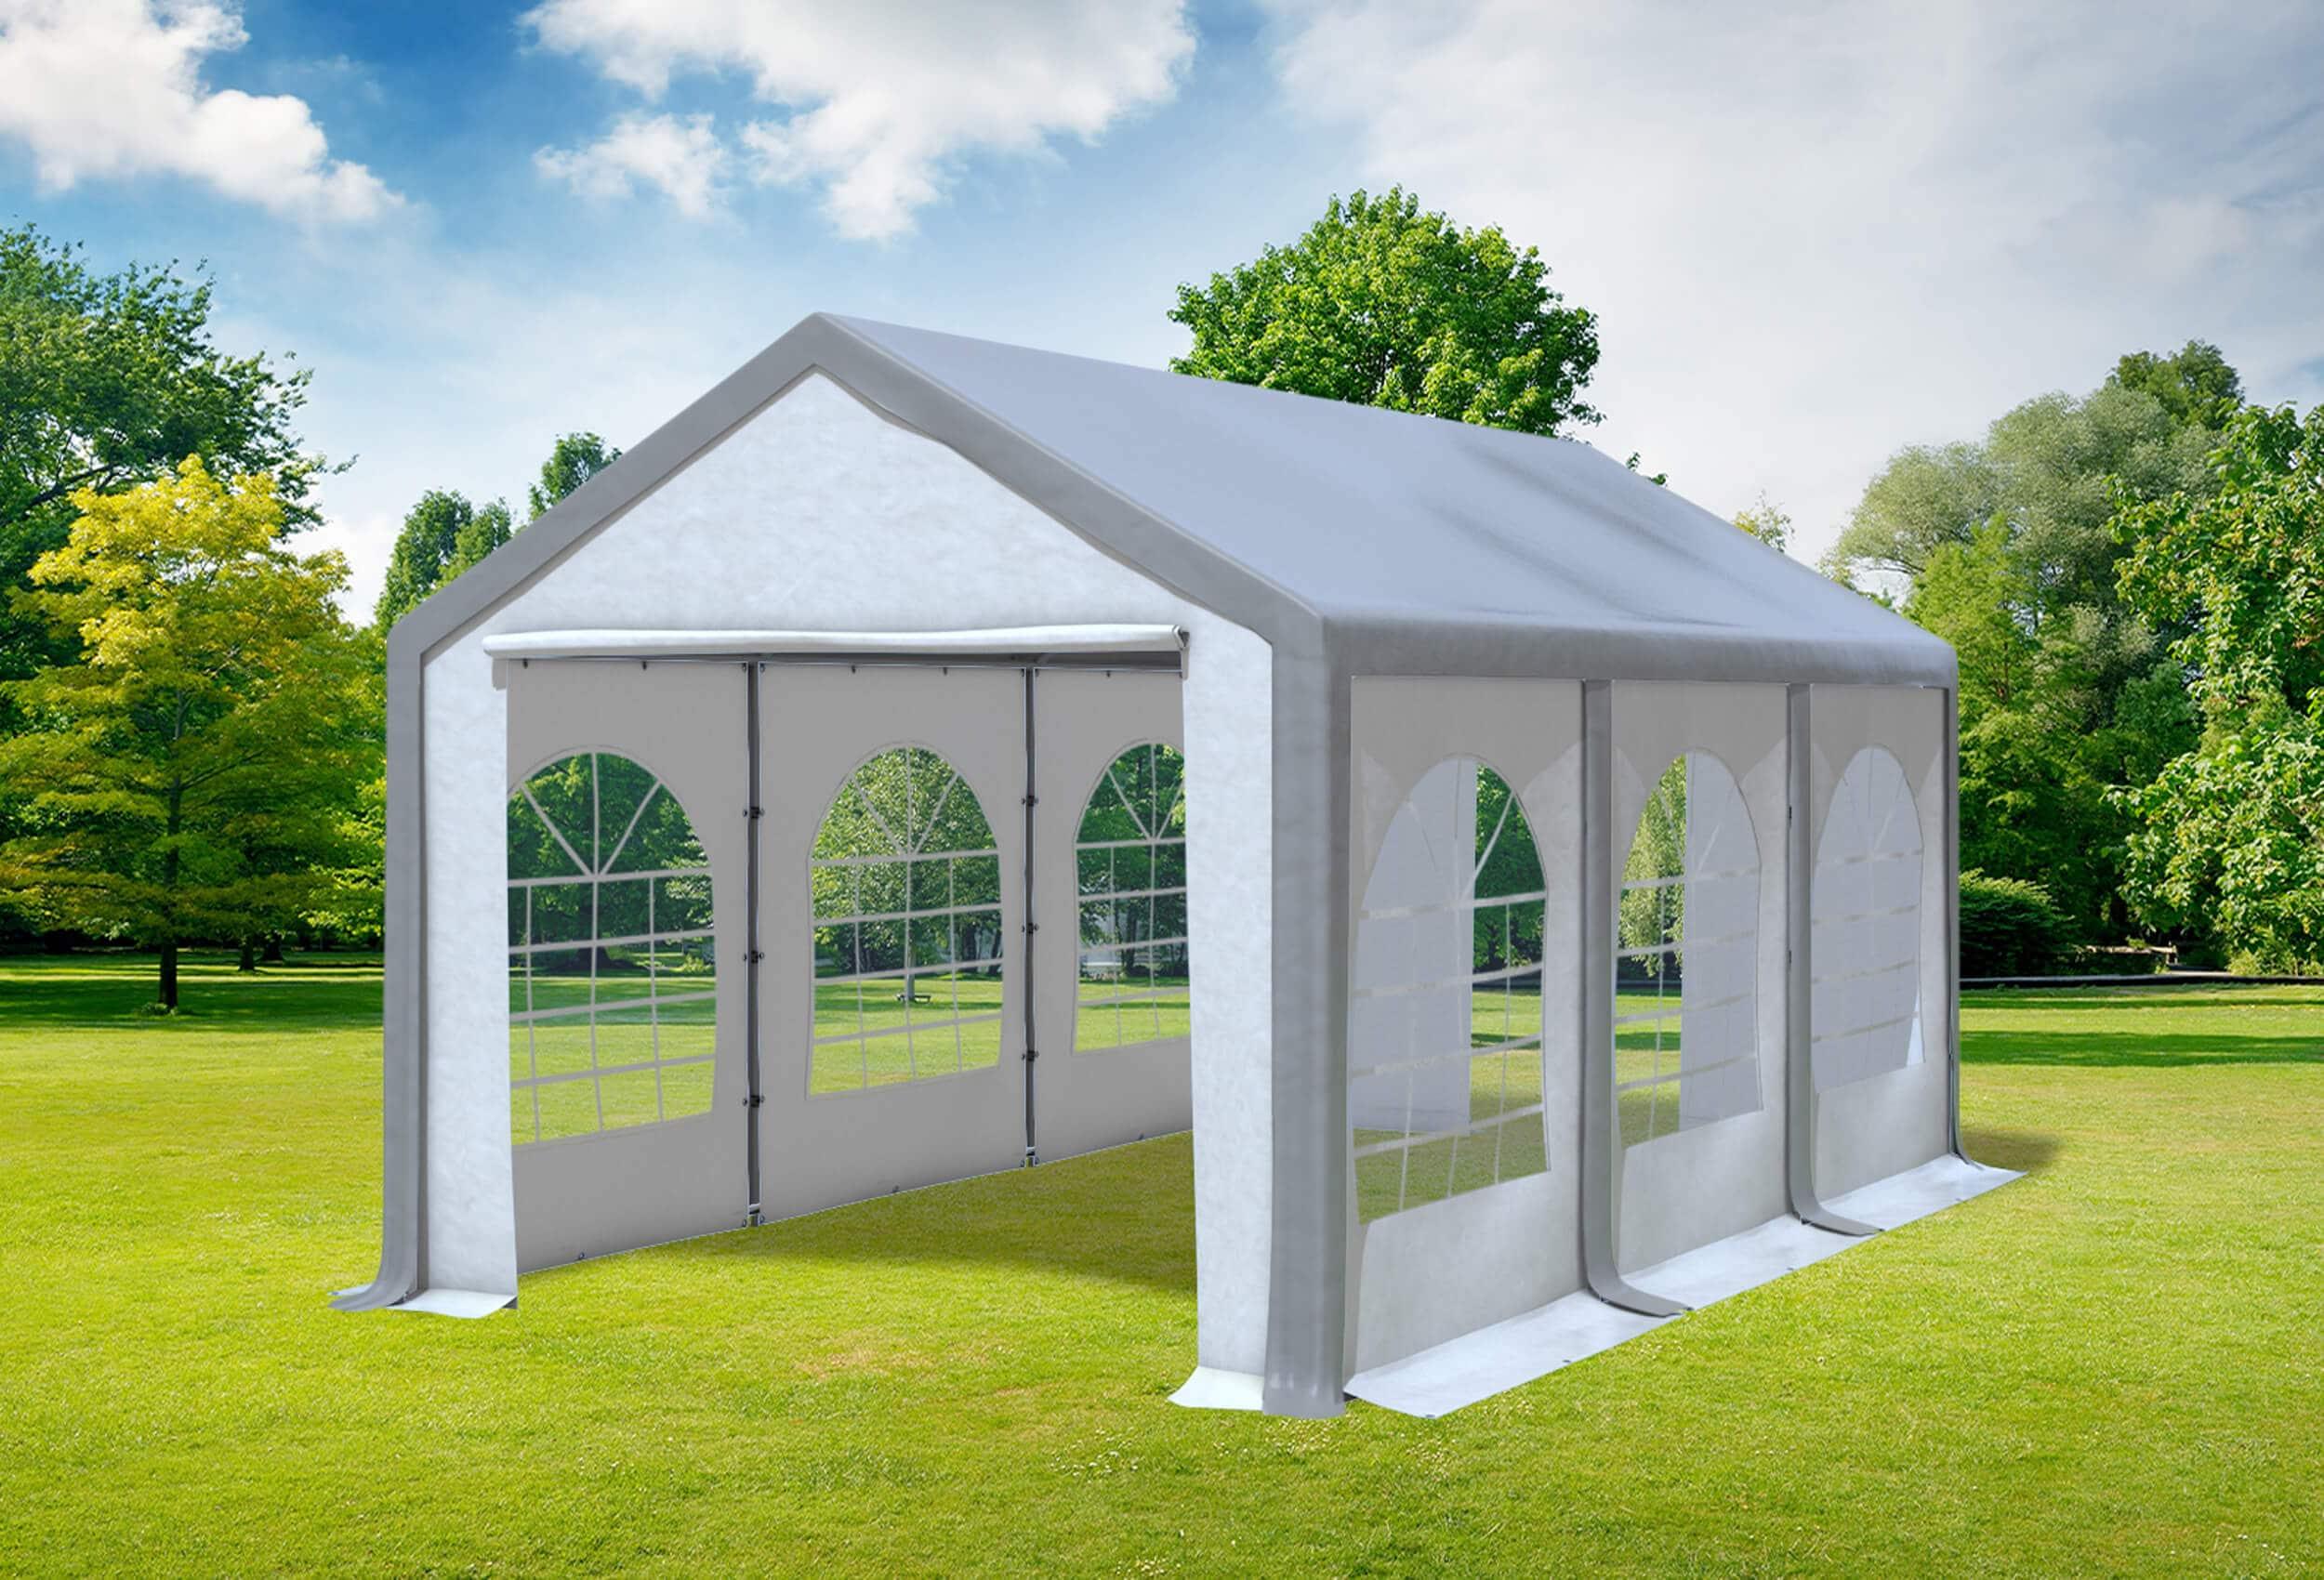 3x6 m partyzelt pvc modular pro pvc grau wei profi zelt versandkostenfrei. Black Bedroom Furniture Sets. Home Design Ideas